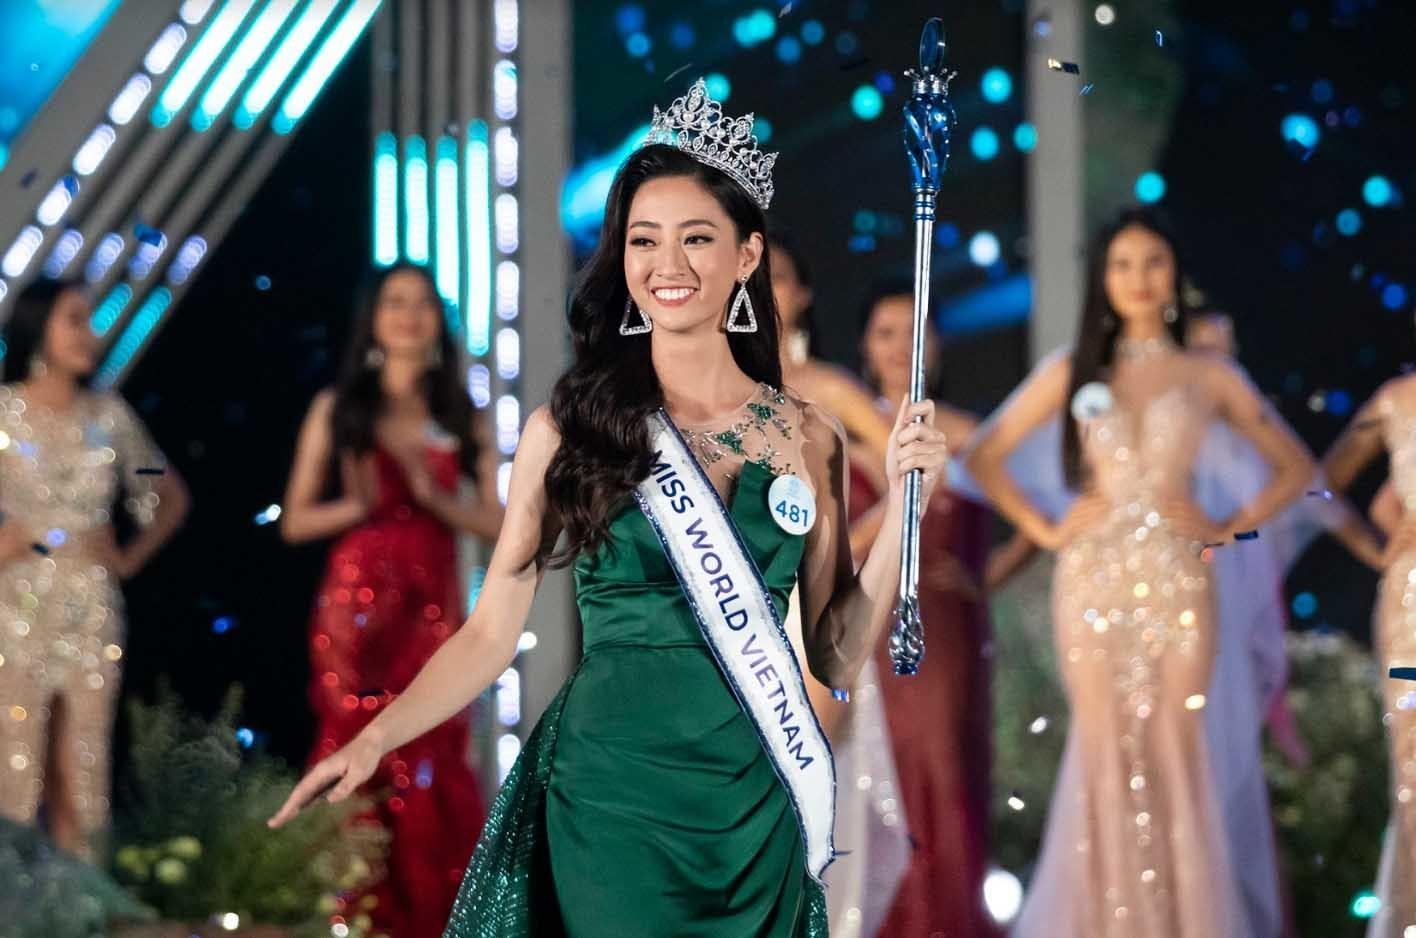 Hoa hậu Lương Thùy Linh,Hoa hậu Thế Giới Việt Nam năm 2019,nữ sinh Trường ĐH Ngoại thương